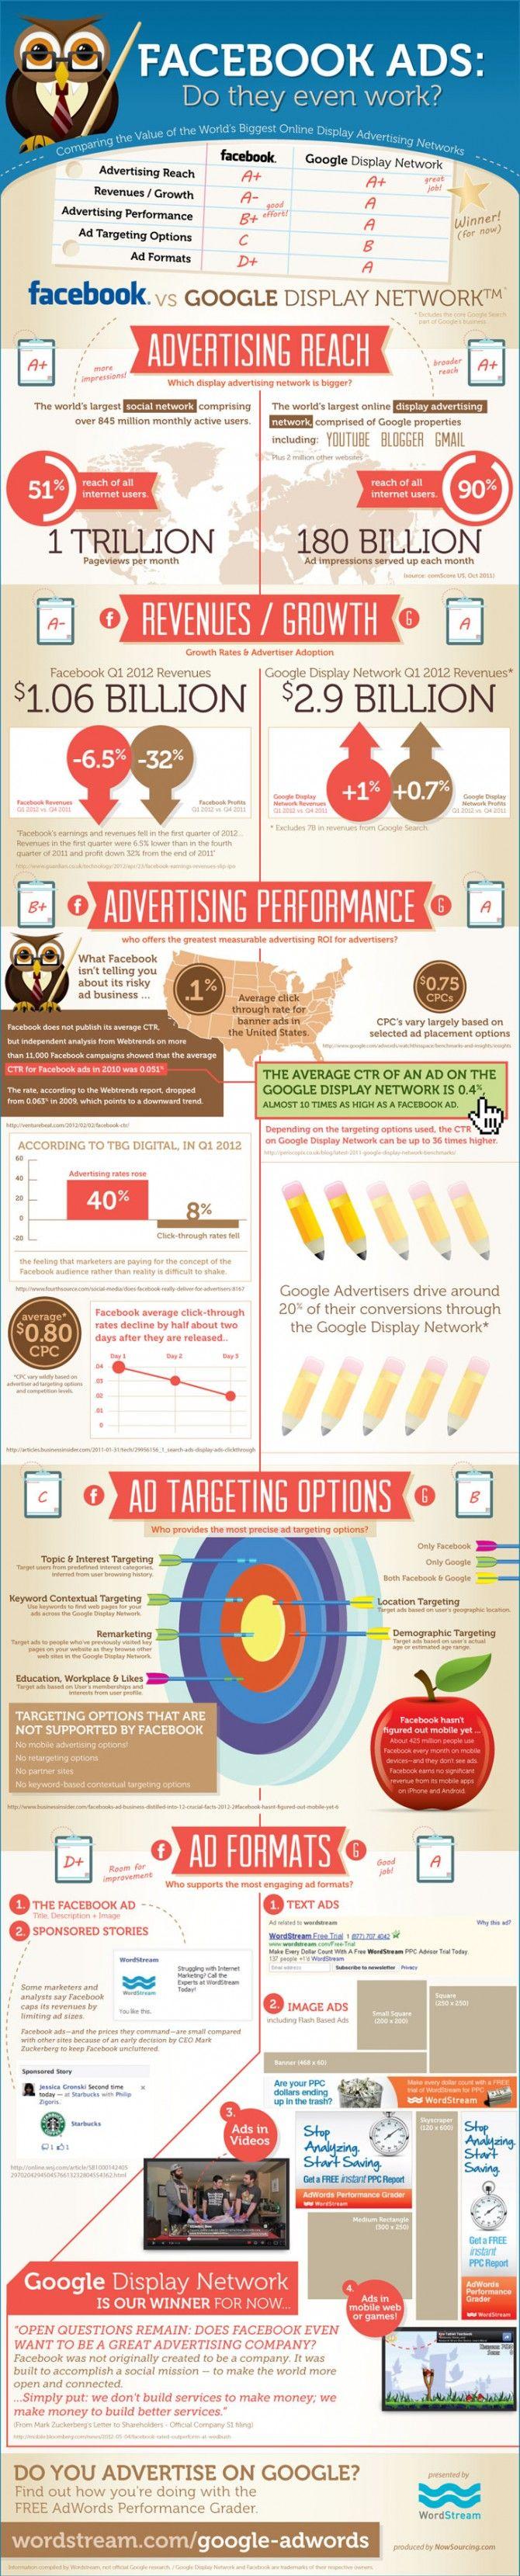 Social Media Today apresentou um infográfico comparando os sistemas de anúncios do Facebook e do Google